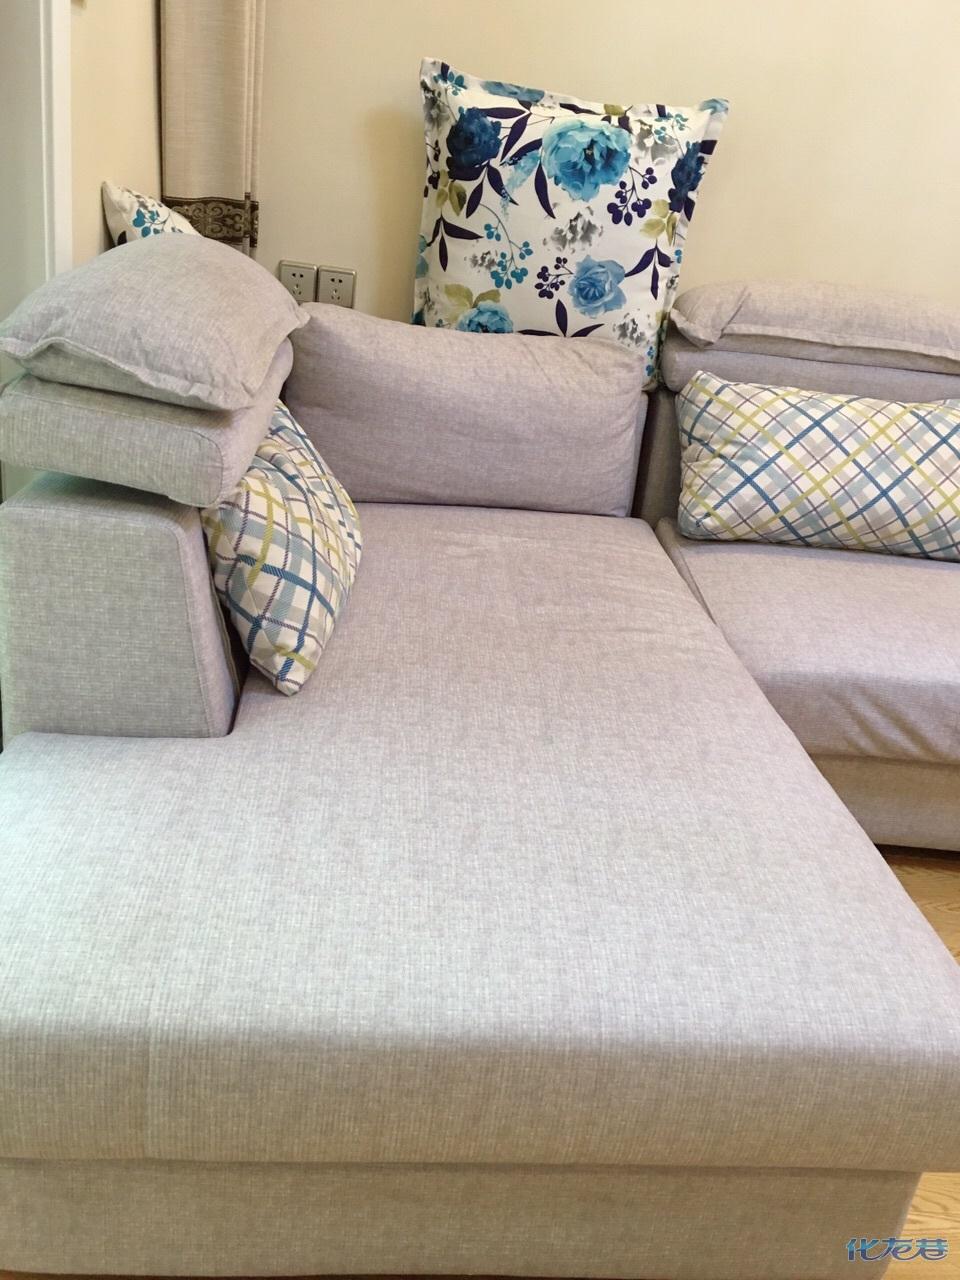 欧宝沙发长三米六因搬家忍痛转让用了一年多还挺新的青图片